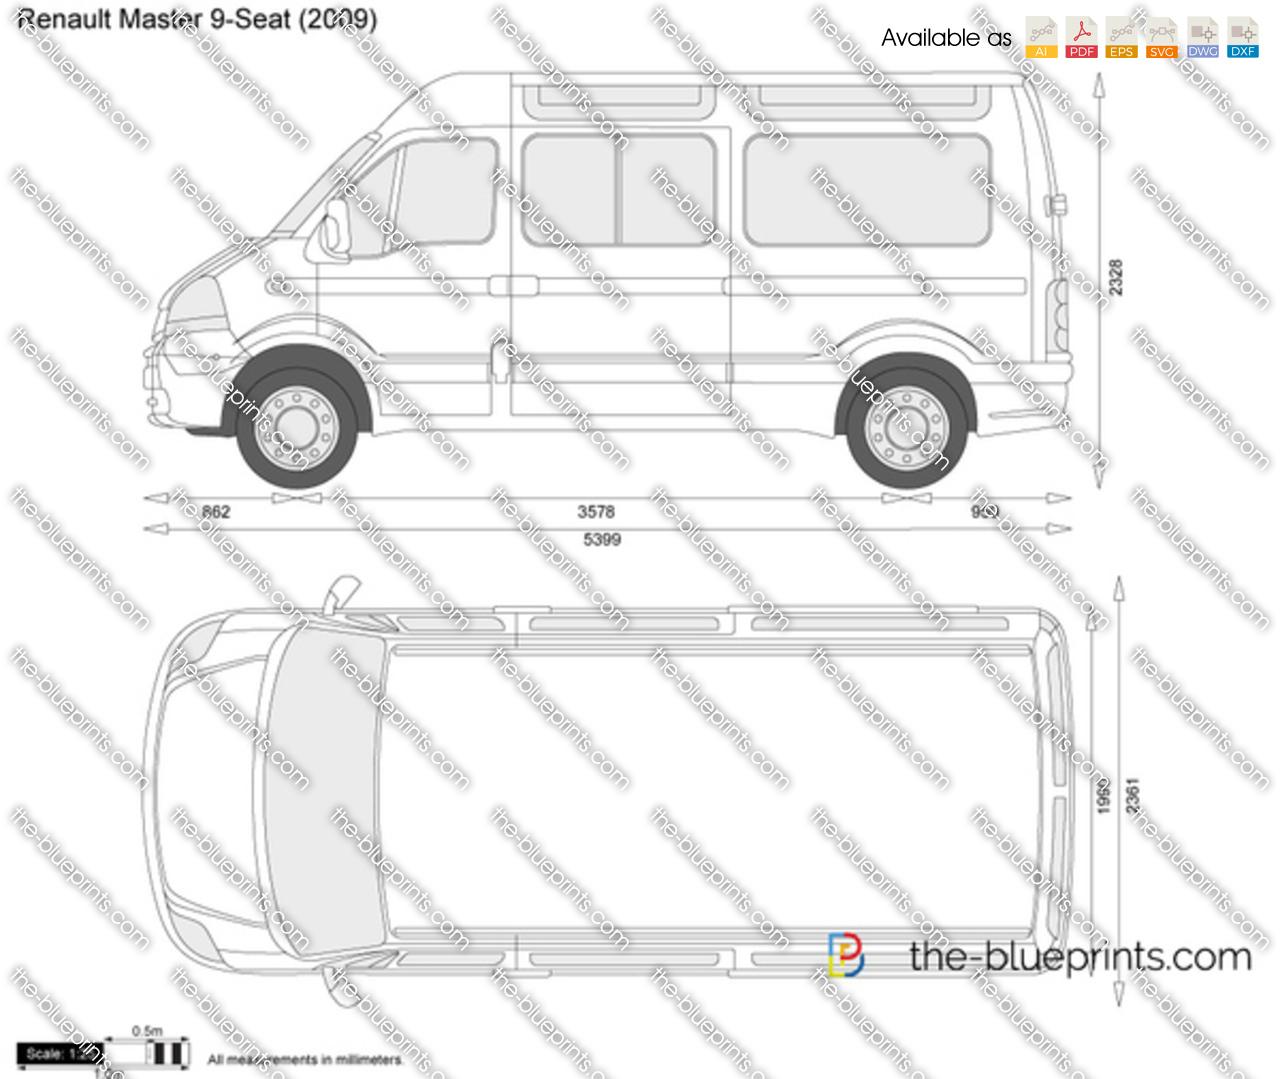 Renault Master 9-Seat 2003